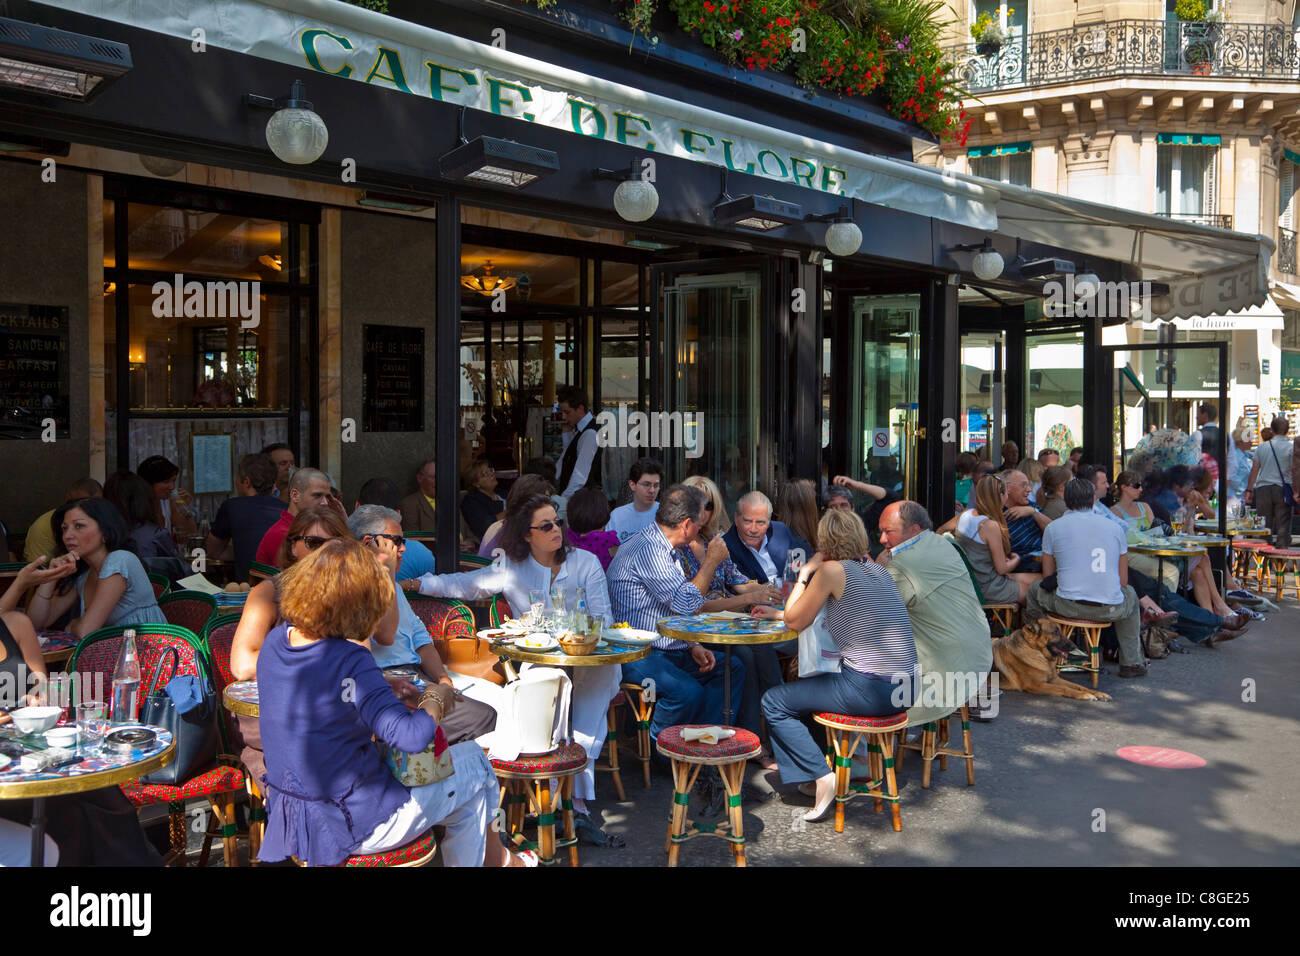 Cafe de Flore, Saint-Germain-des-Pres, Left Bank, Paris, France - Stock Image